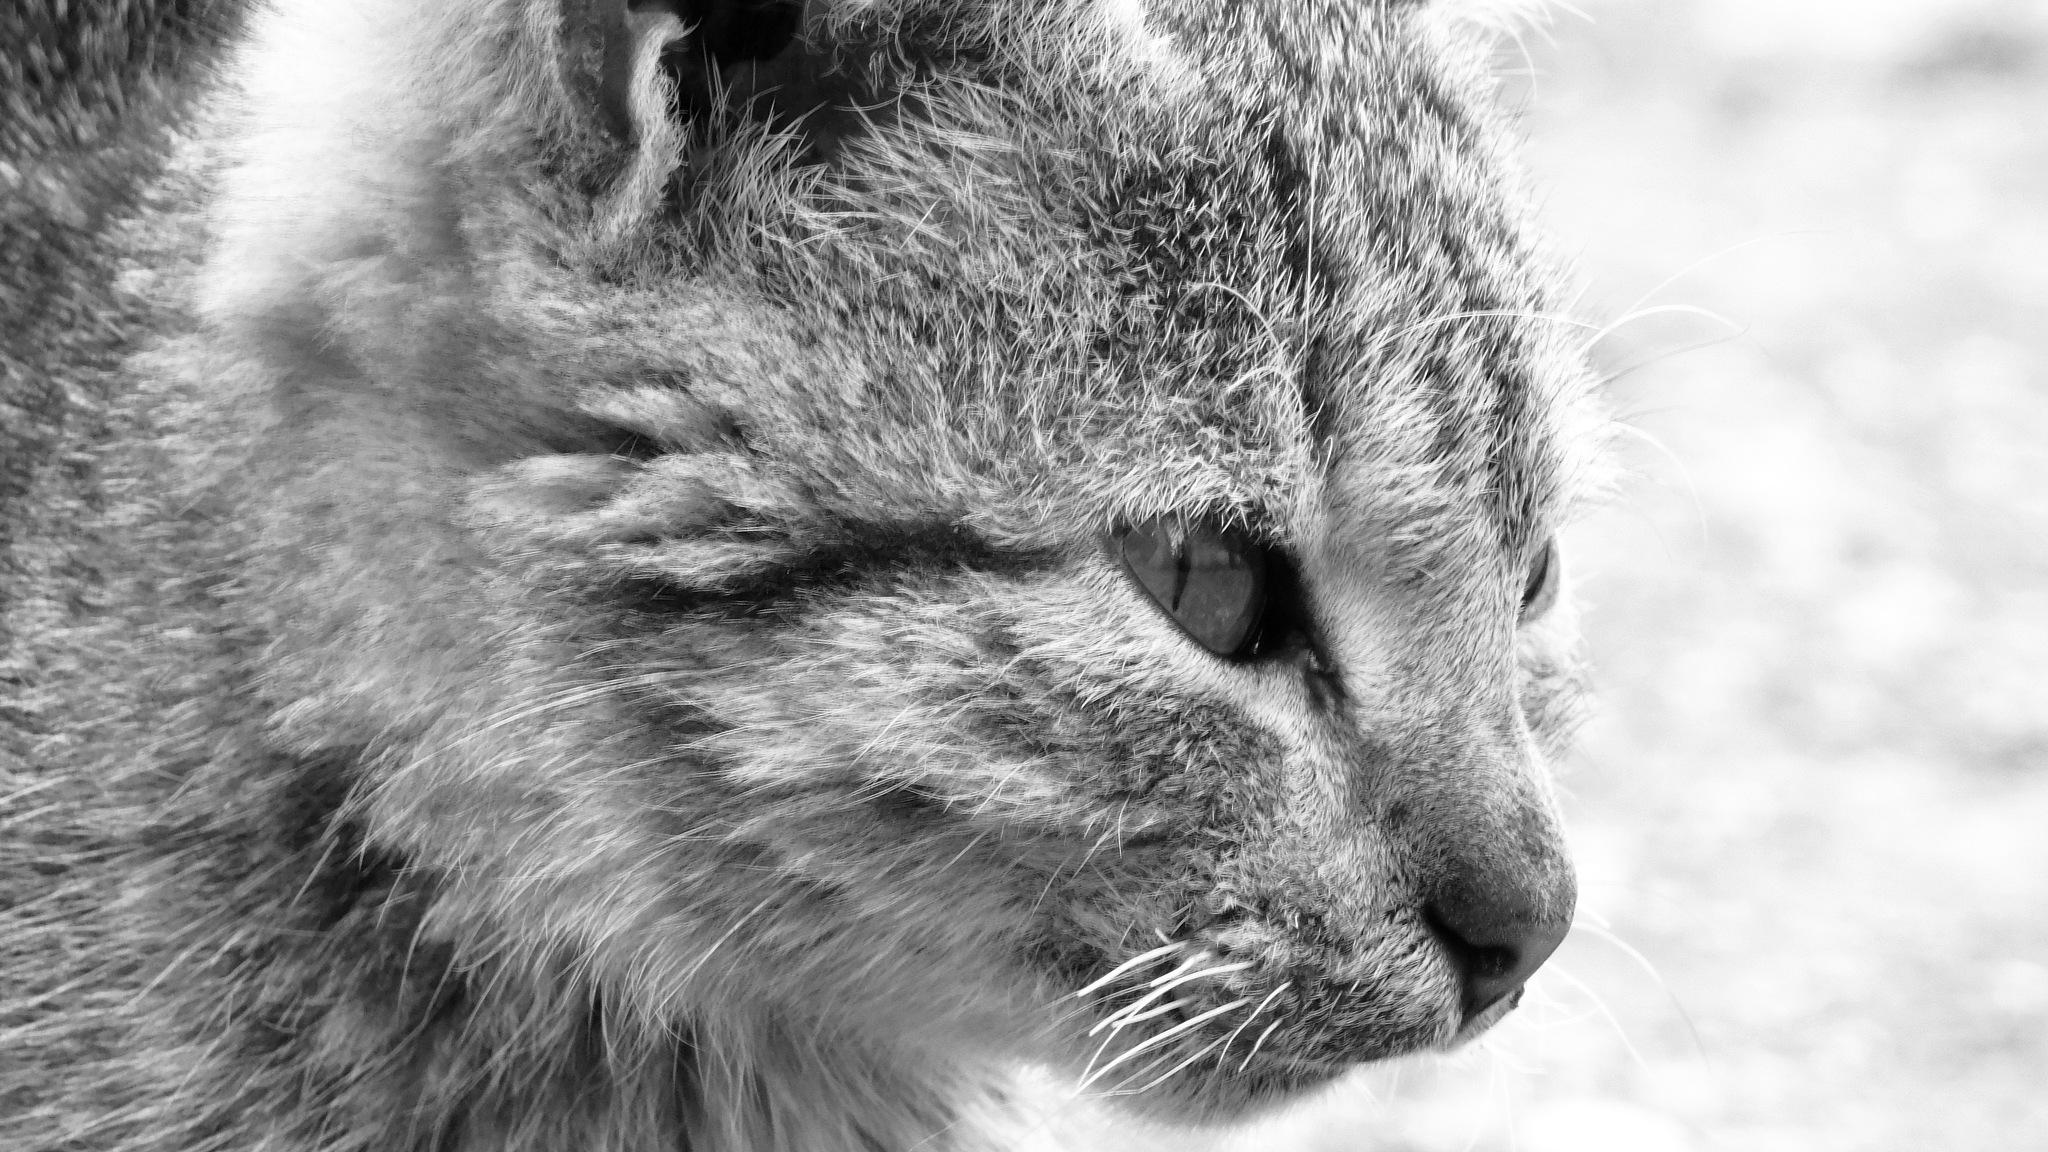 cat portrait by adil bassel